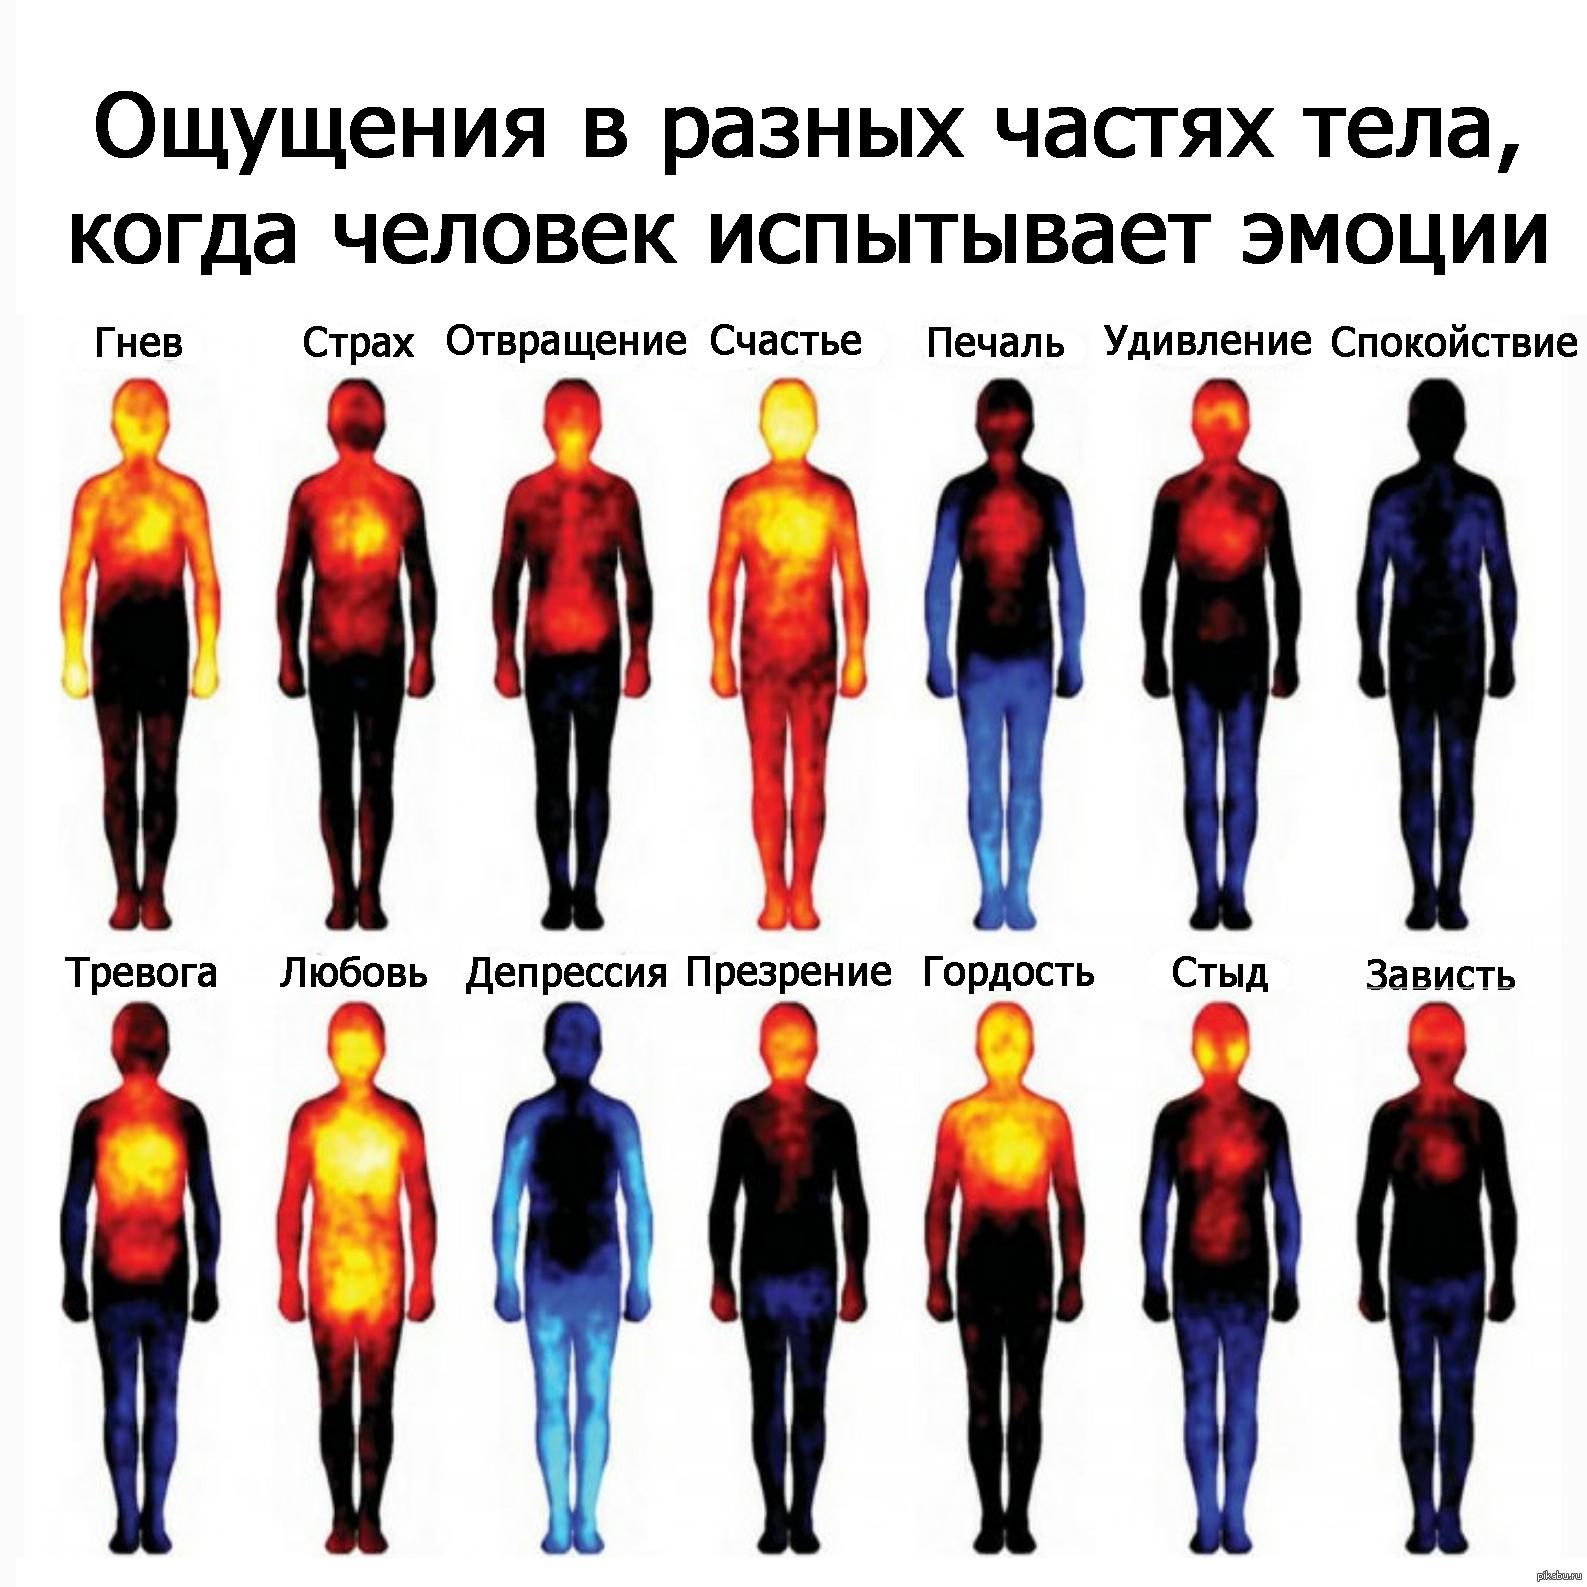 Картинки где живут эмоции